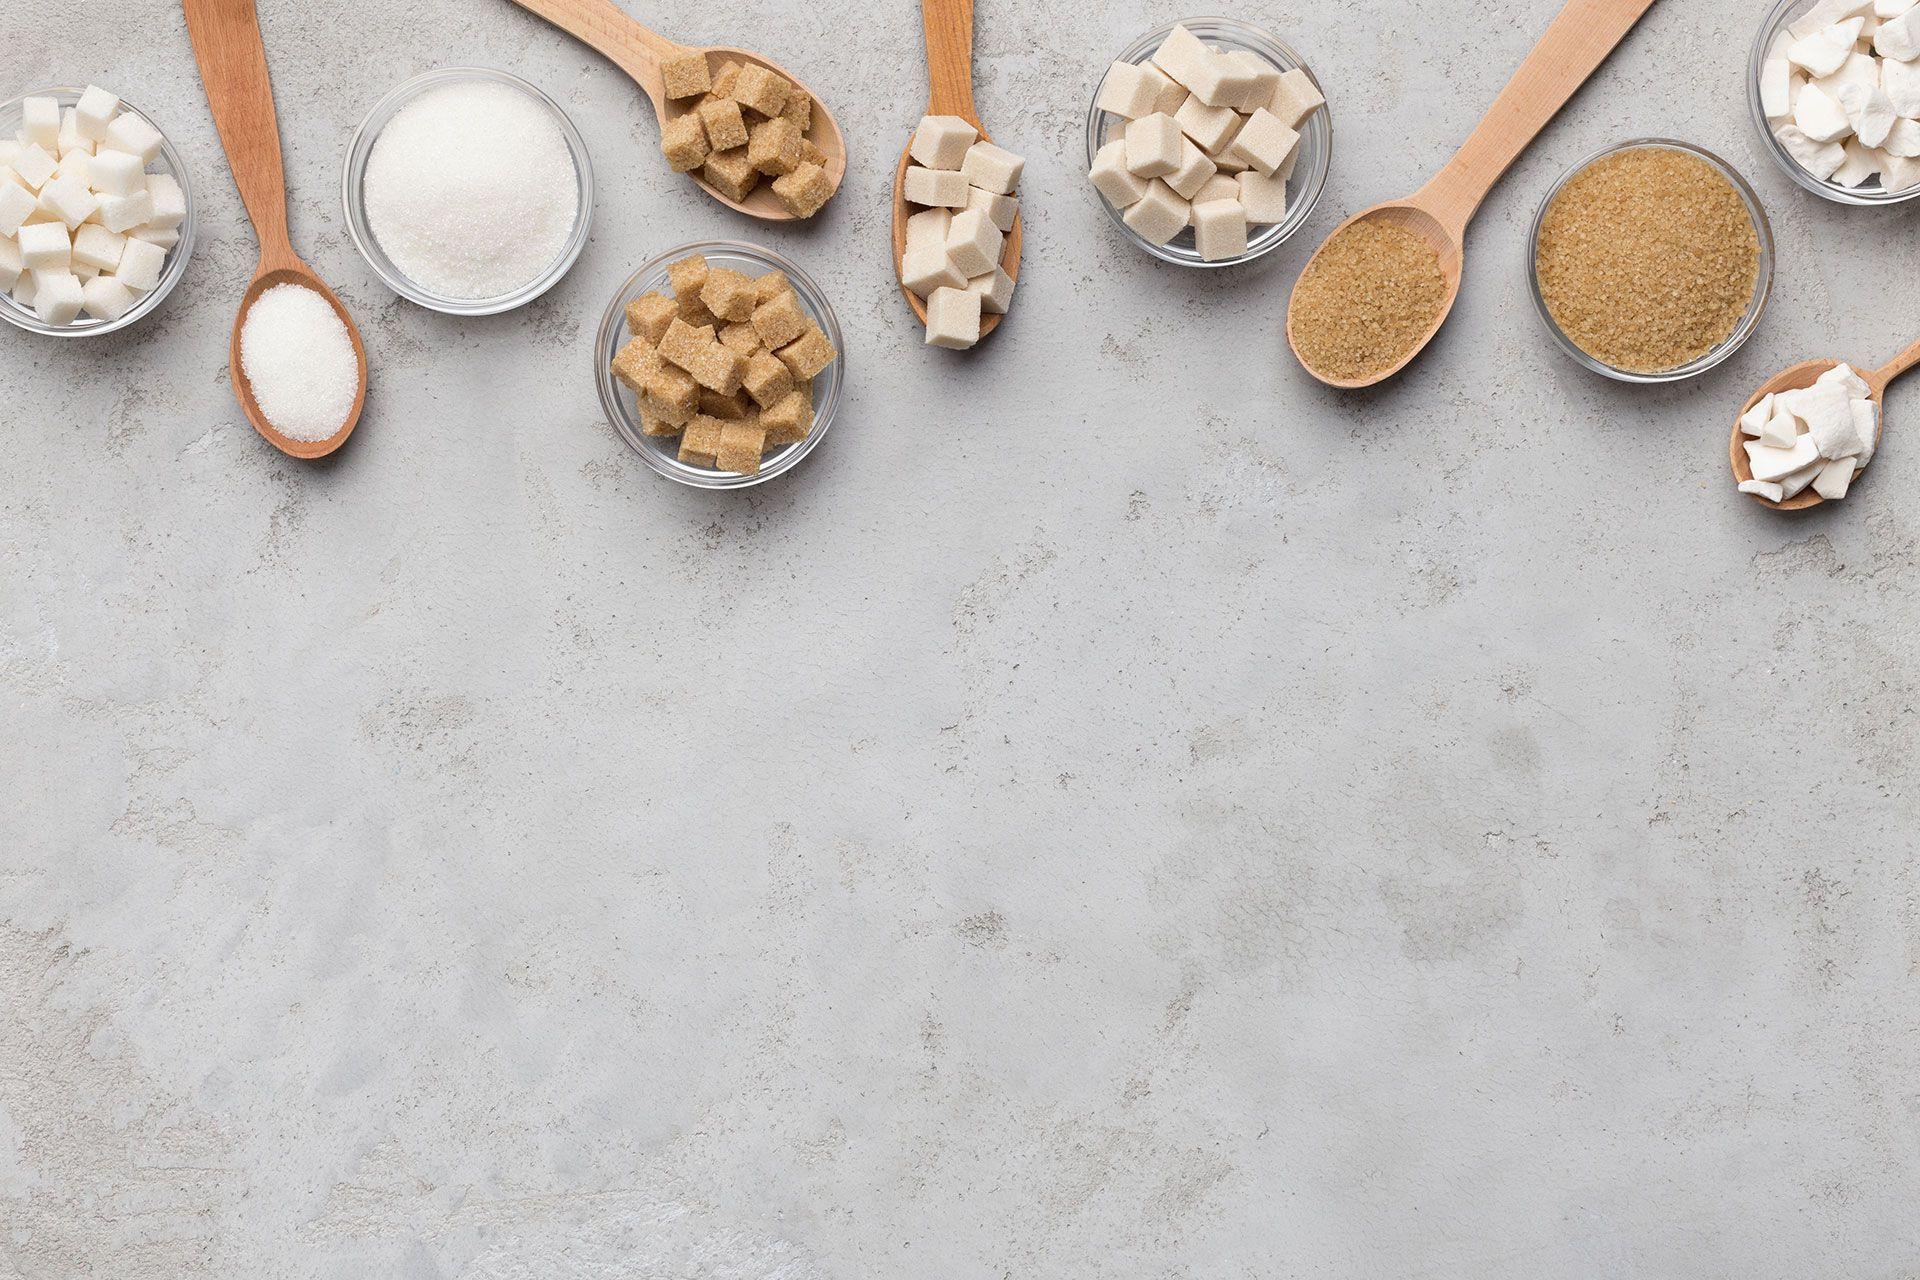 rezygnacja z cukru konsekwencje